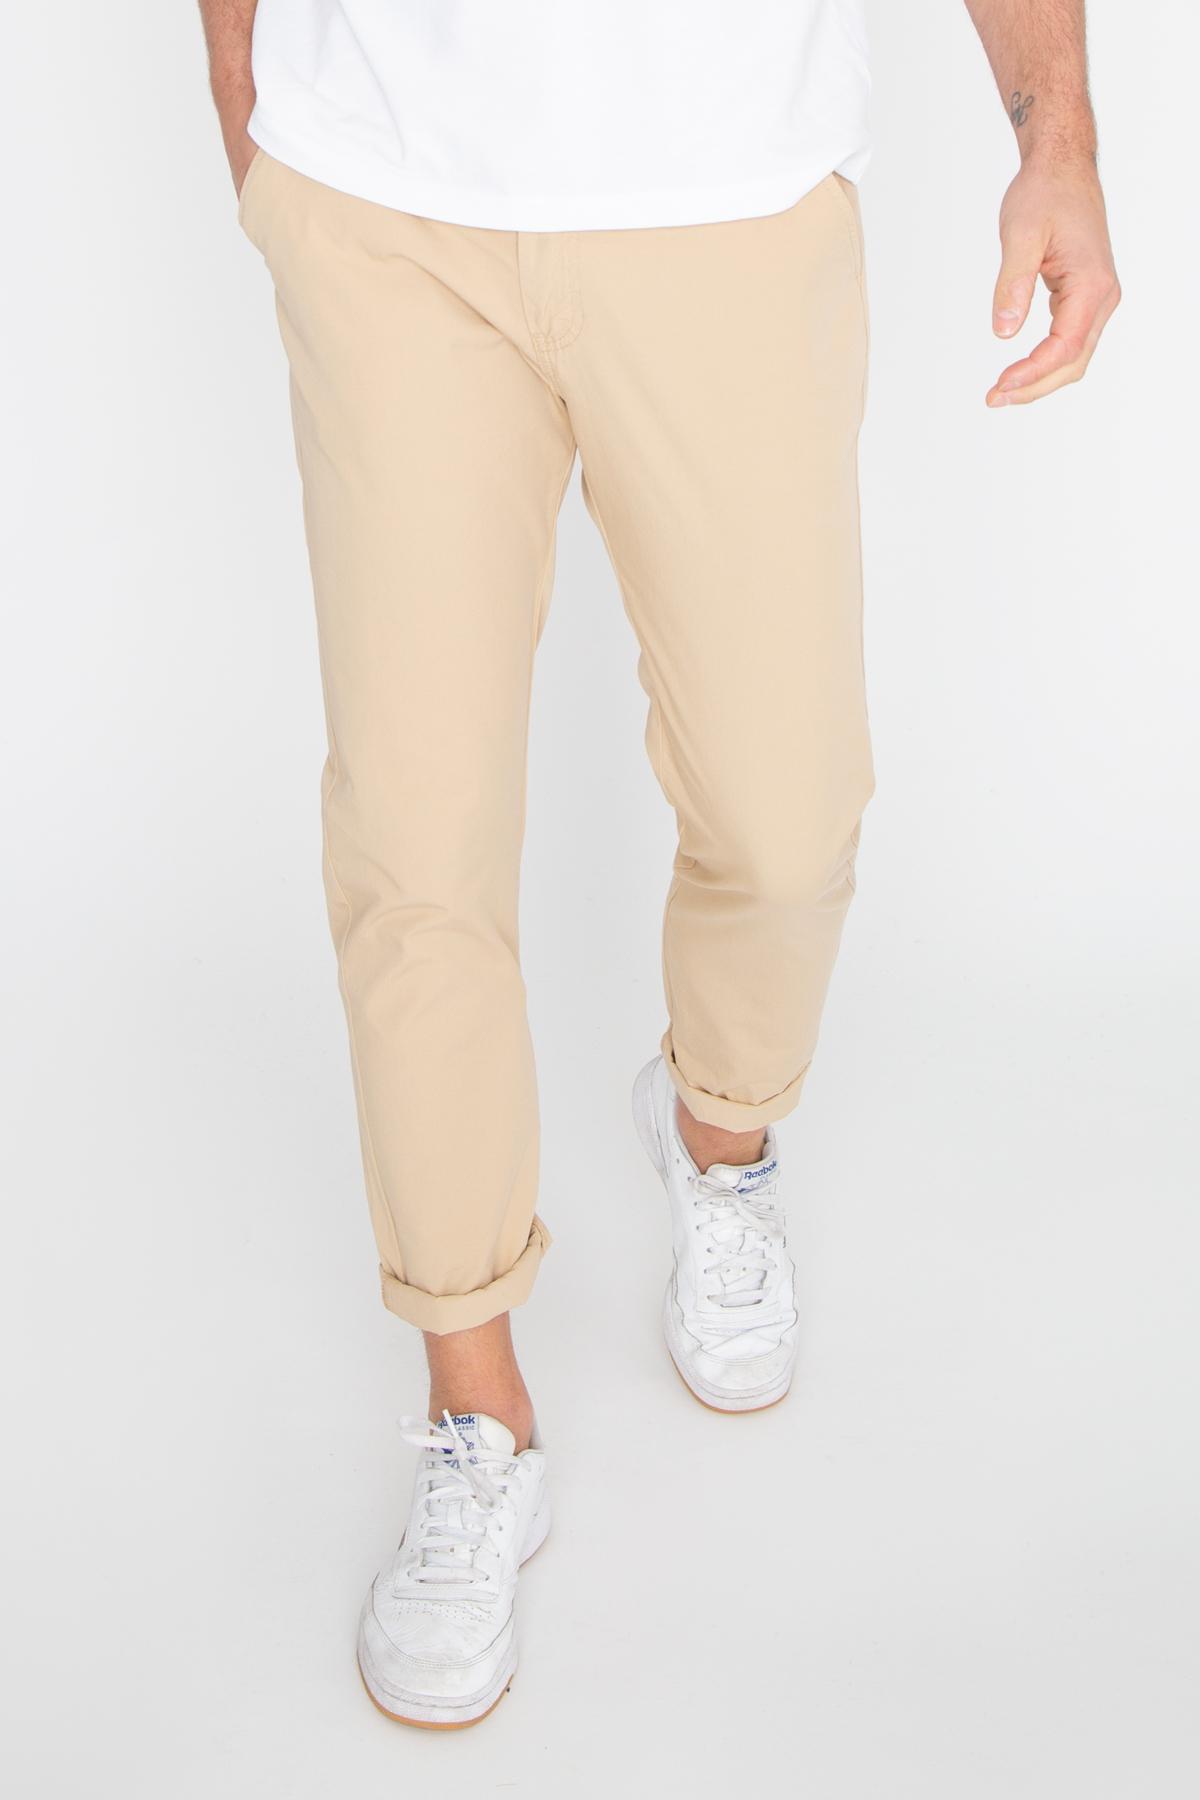 Photo de Urban pants Pantalon Chino STAN chez French Disorder